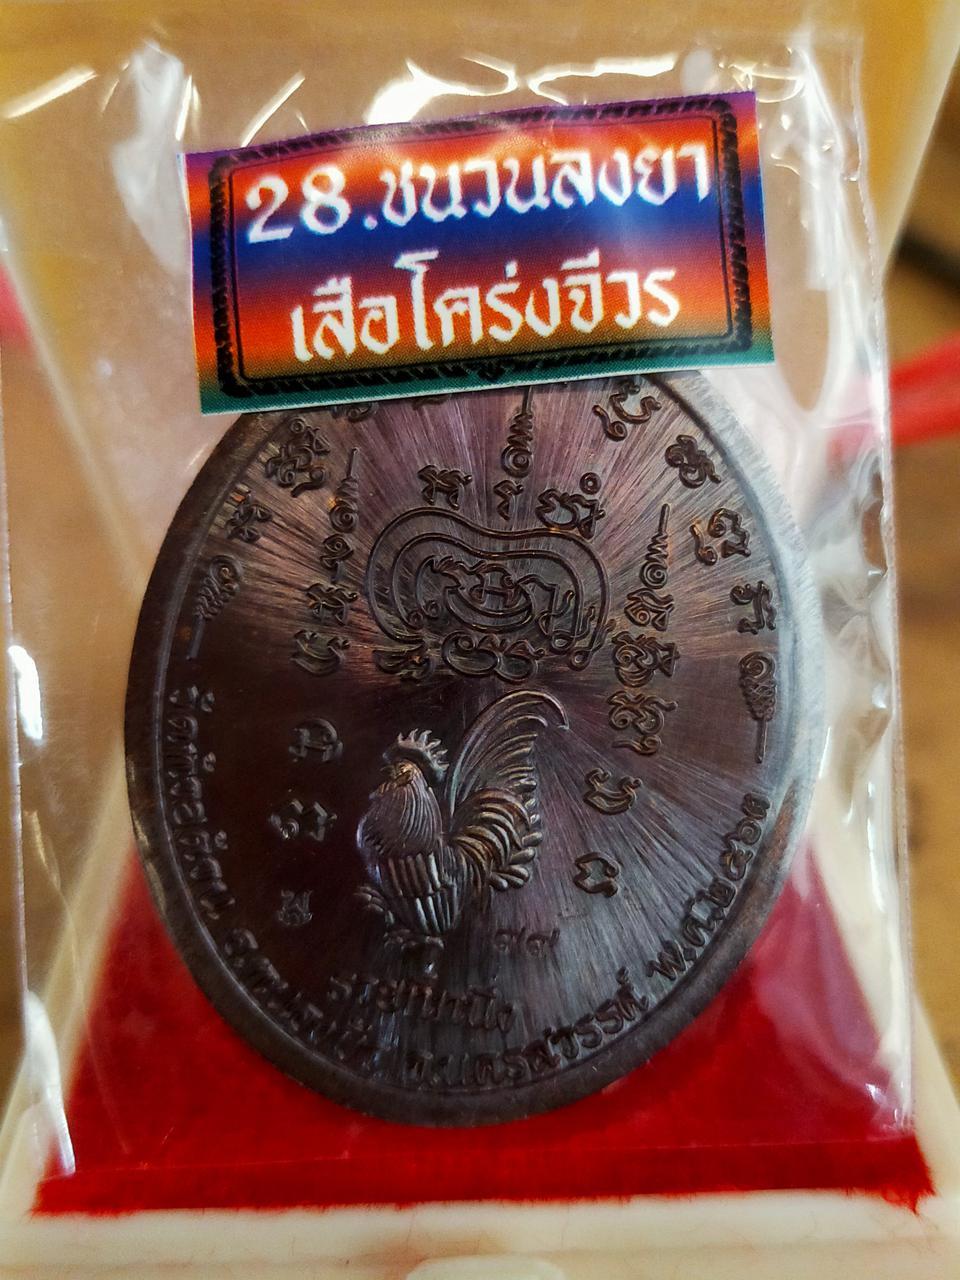 เหรียญหลวงพ่อพัฒน์ รุ่นรวยที่หนึ่ง รูปที่ 2